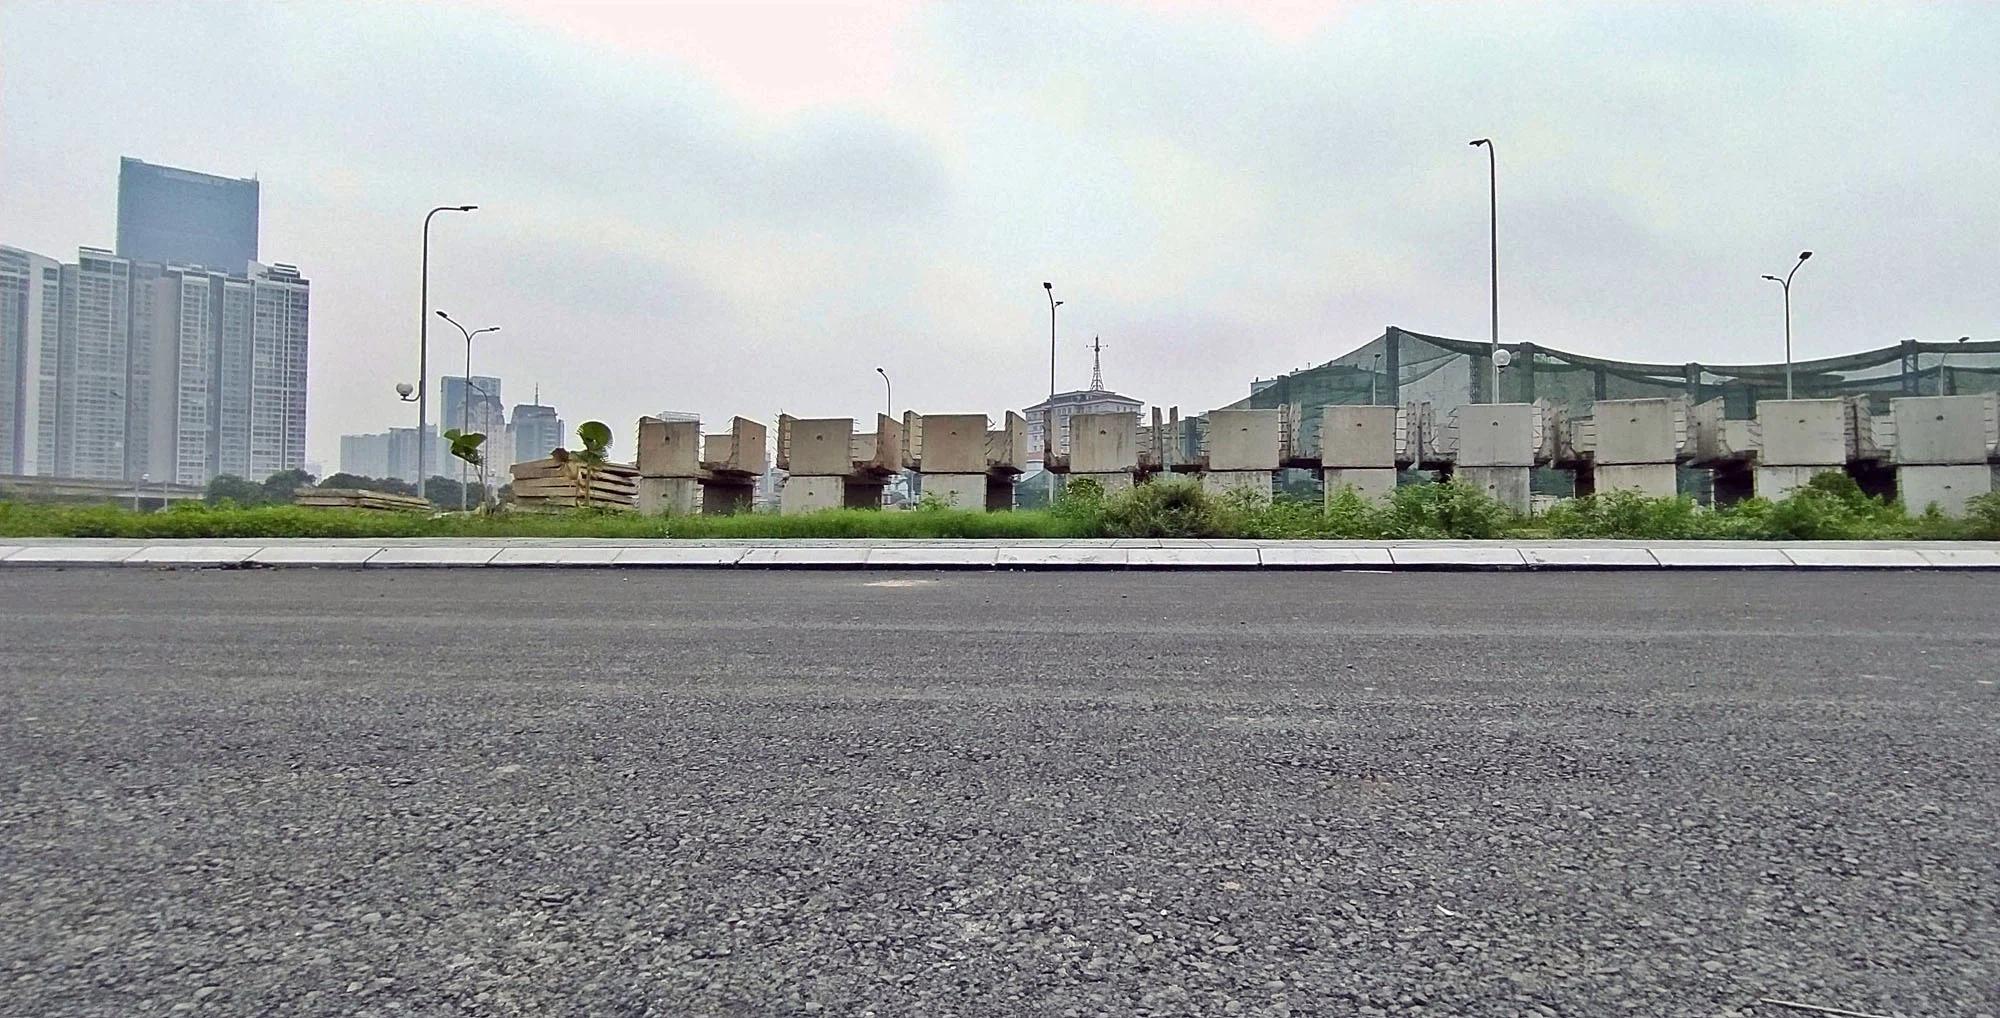 Toàn cảnh đường nối Lê Đức Thọ - Phạm Hùng đang mở theo quy hoạch ở Hà Nội - Ảnh 5.